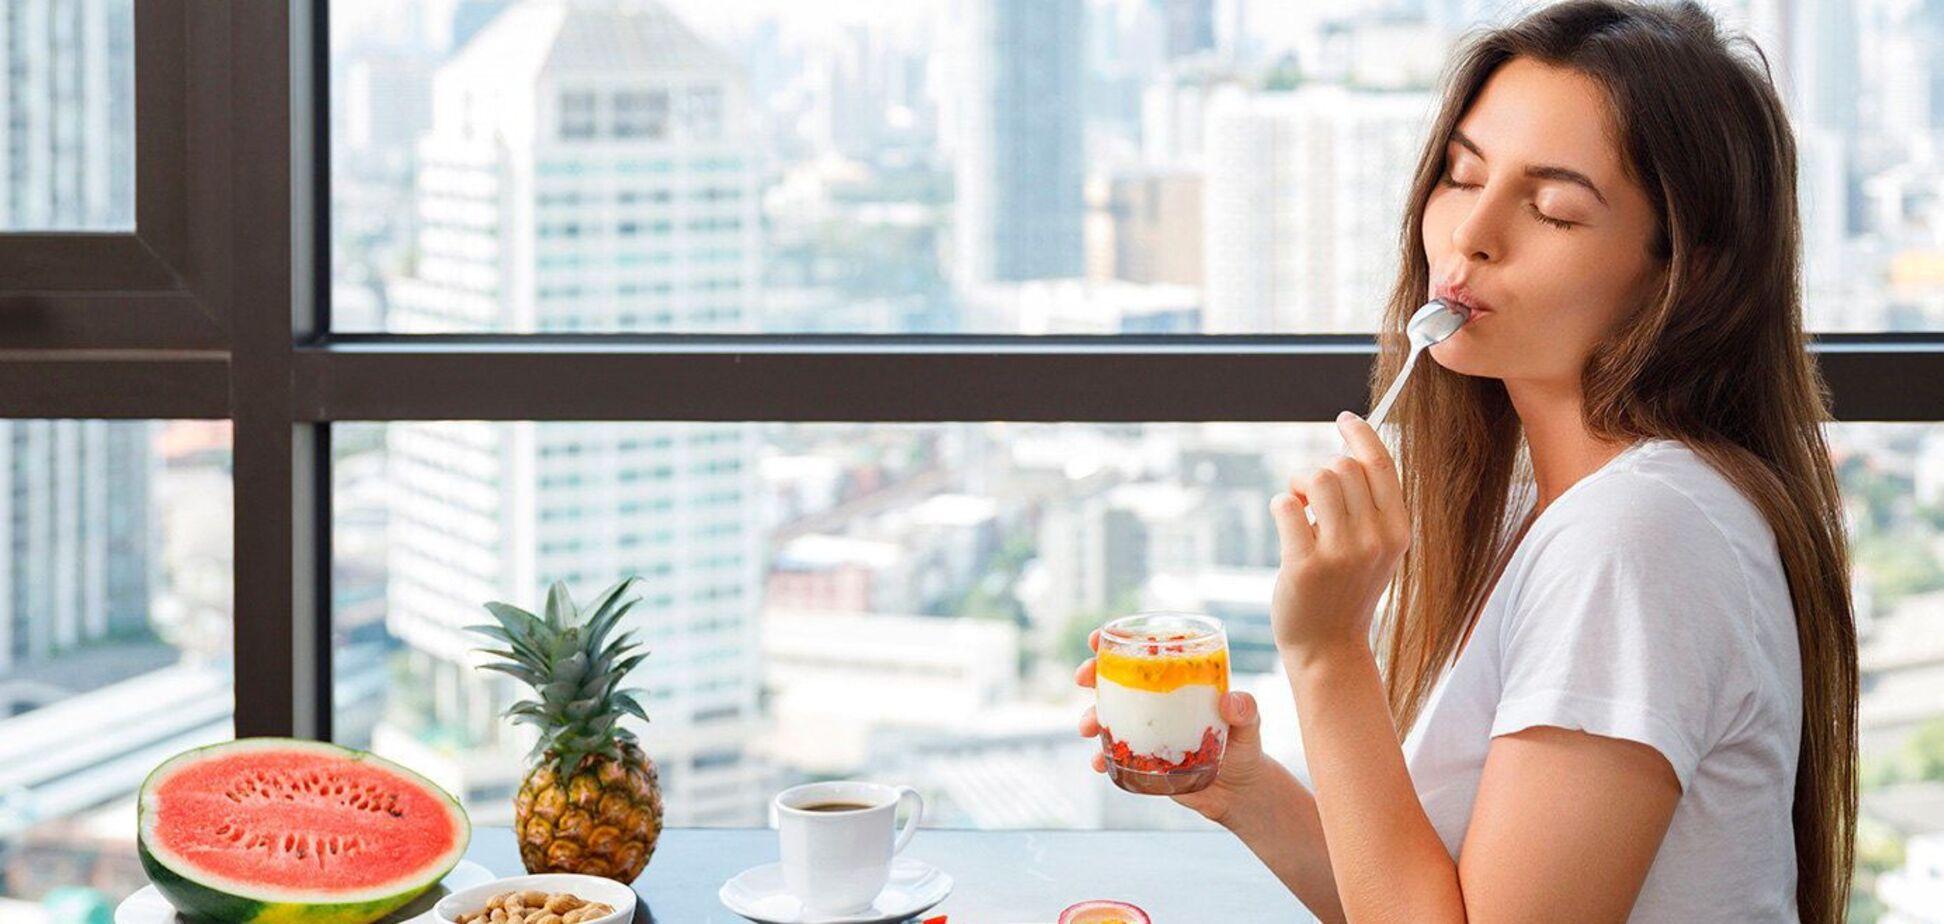 Названы продукты, которые уничтожают женское здоровье и красоту